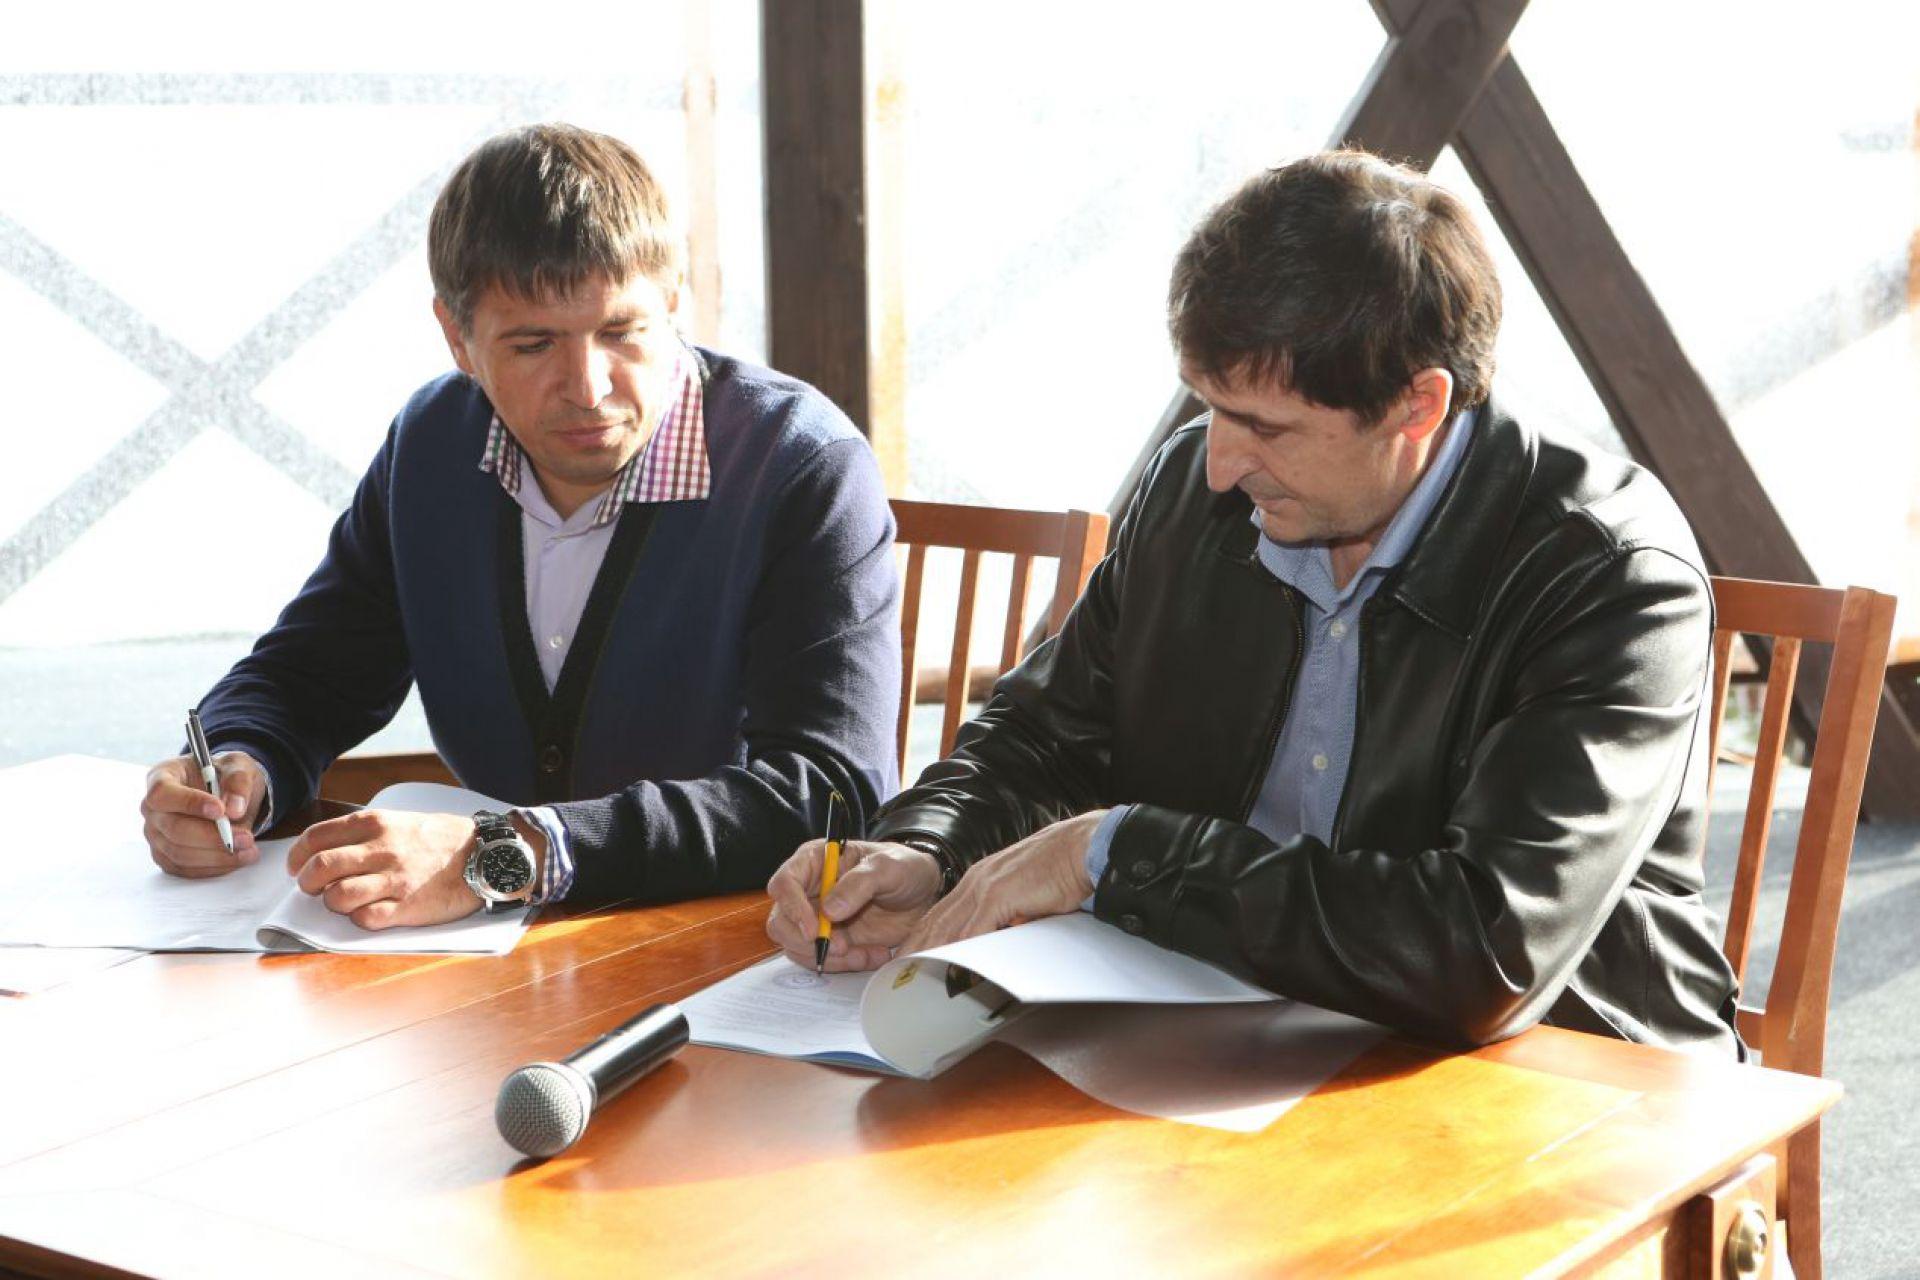 HONKA выступит авторизованным застройщиком загородного комплекса «Остров» в Новосибирске